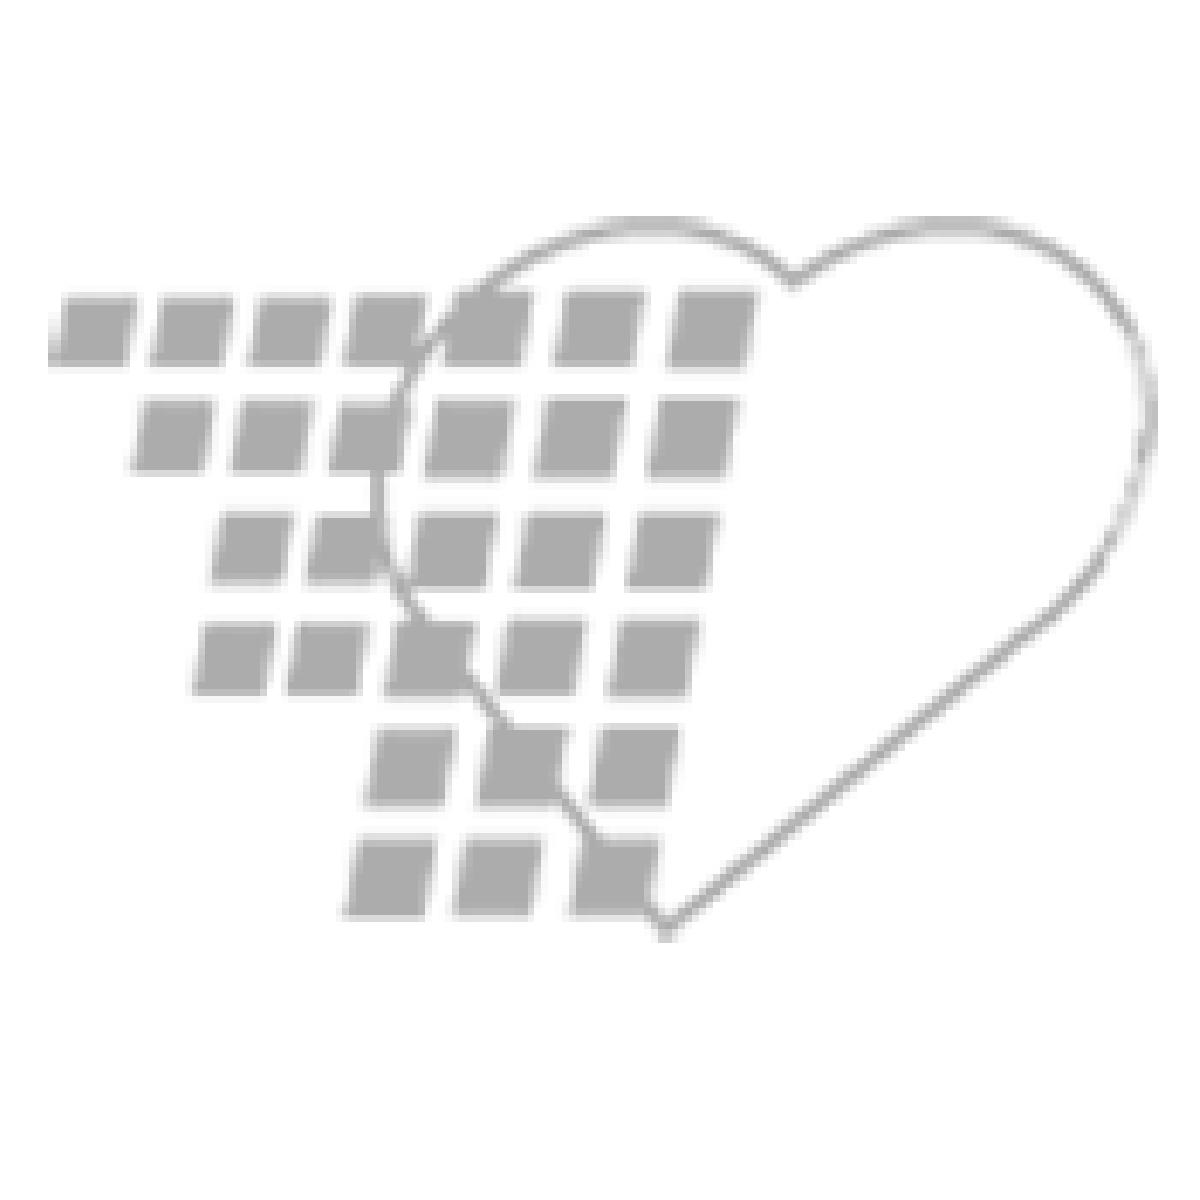 06-93-0088 - Demo Dose® MetFORMN 500 mg - 1000 Pills/Jar